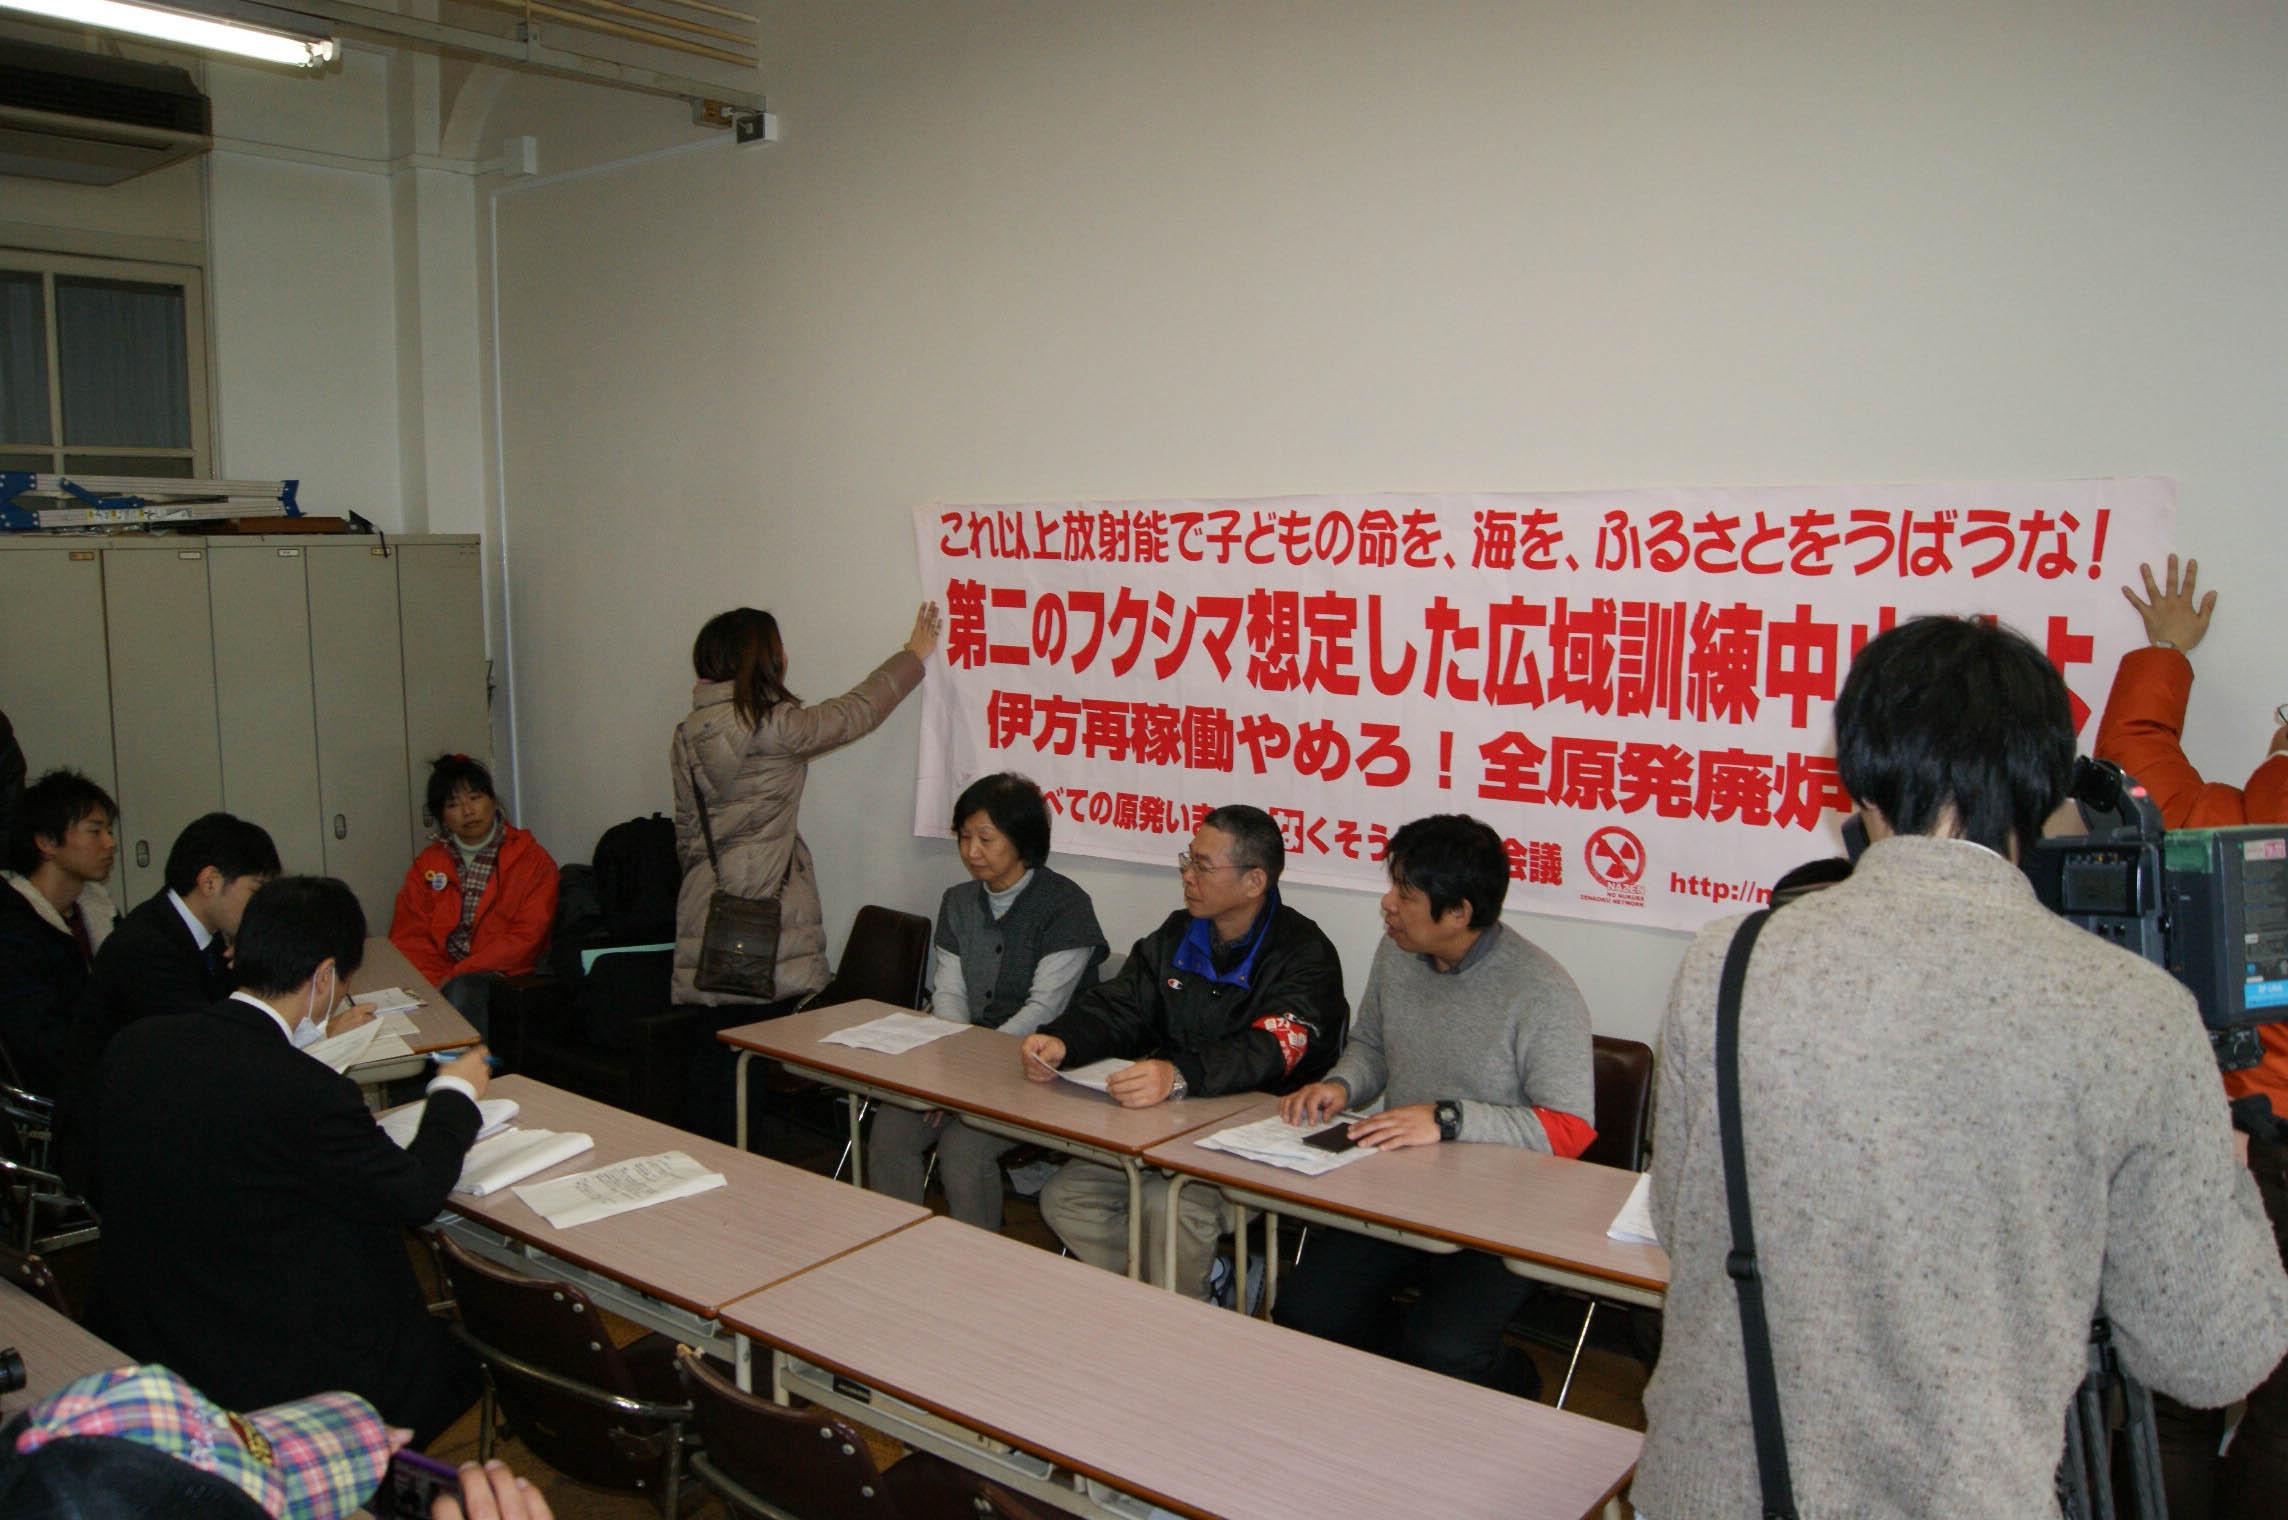 四国電力原子力本部と愛媛県庁へ伊方原発再稼働のための訓練に抗議する申し入れを行った_d0155415_21324967.jpg